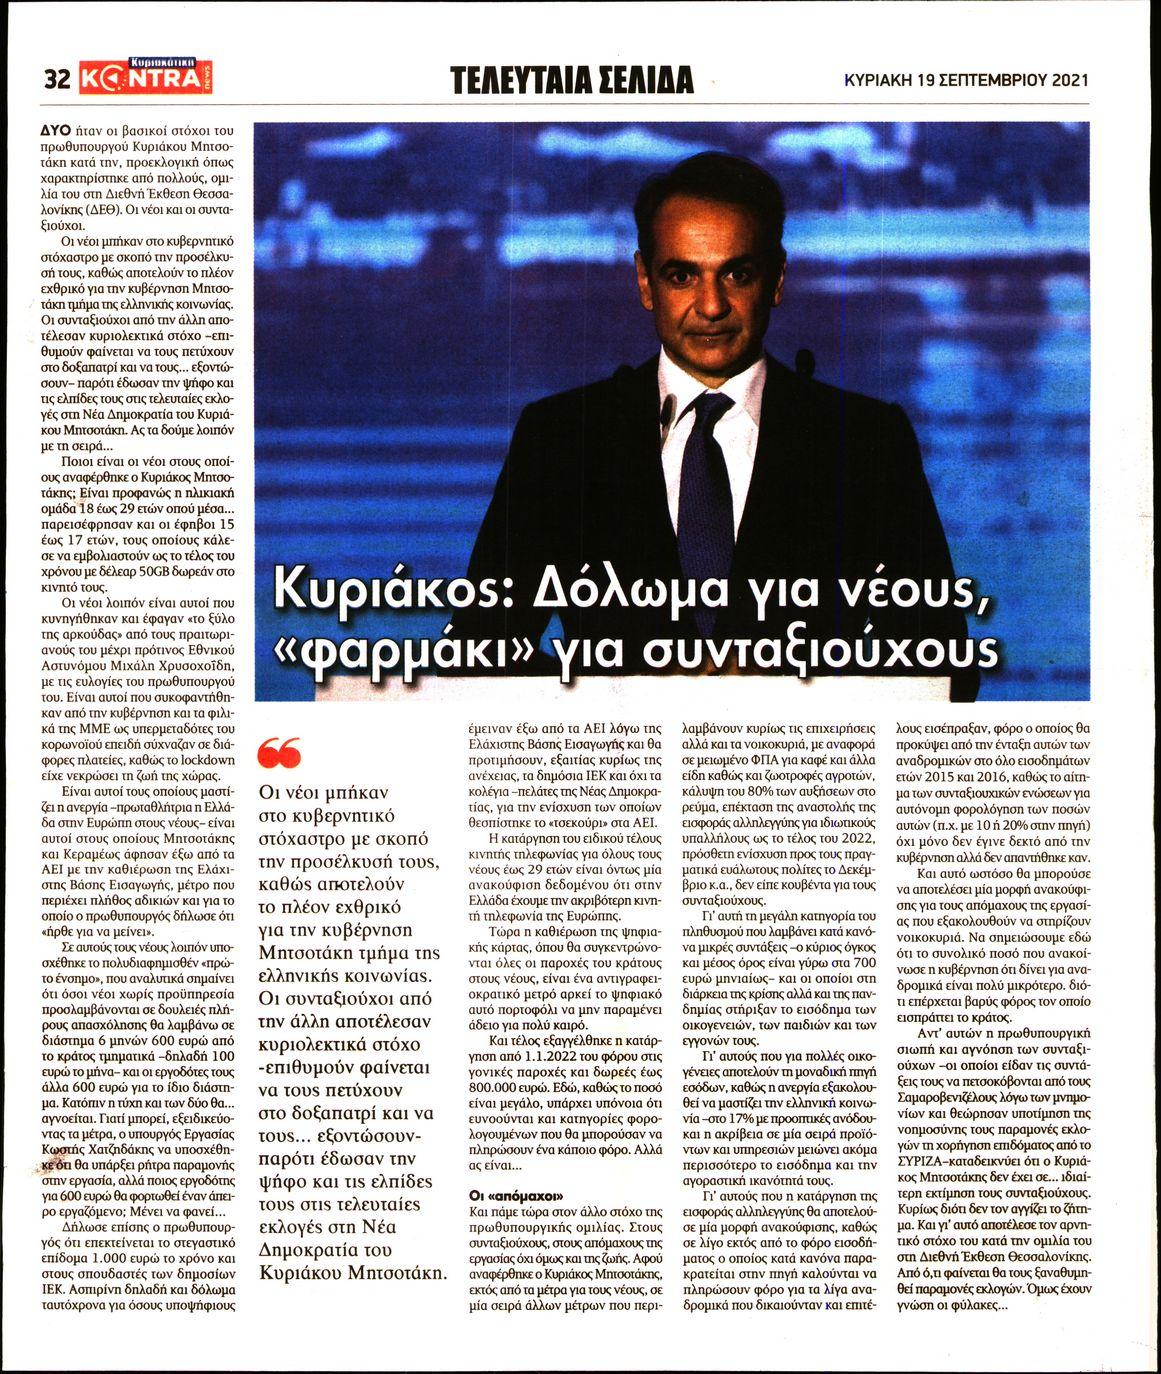 Οπισθόφυλλο του εντύπου «ΚΥΡΙΑΚΑΤΙΚΗ KONTRA NEWS» που δημοσιεύτηκε στις 19/09/2021